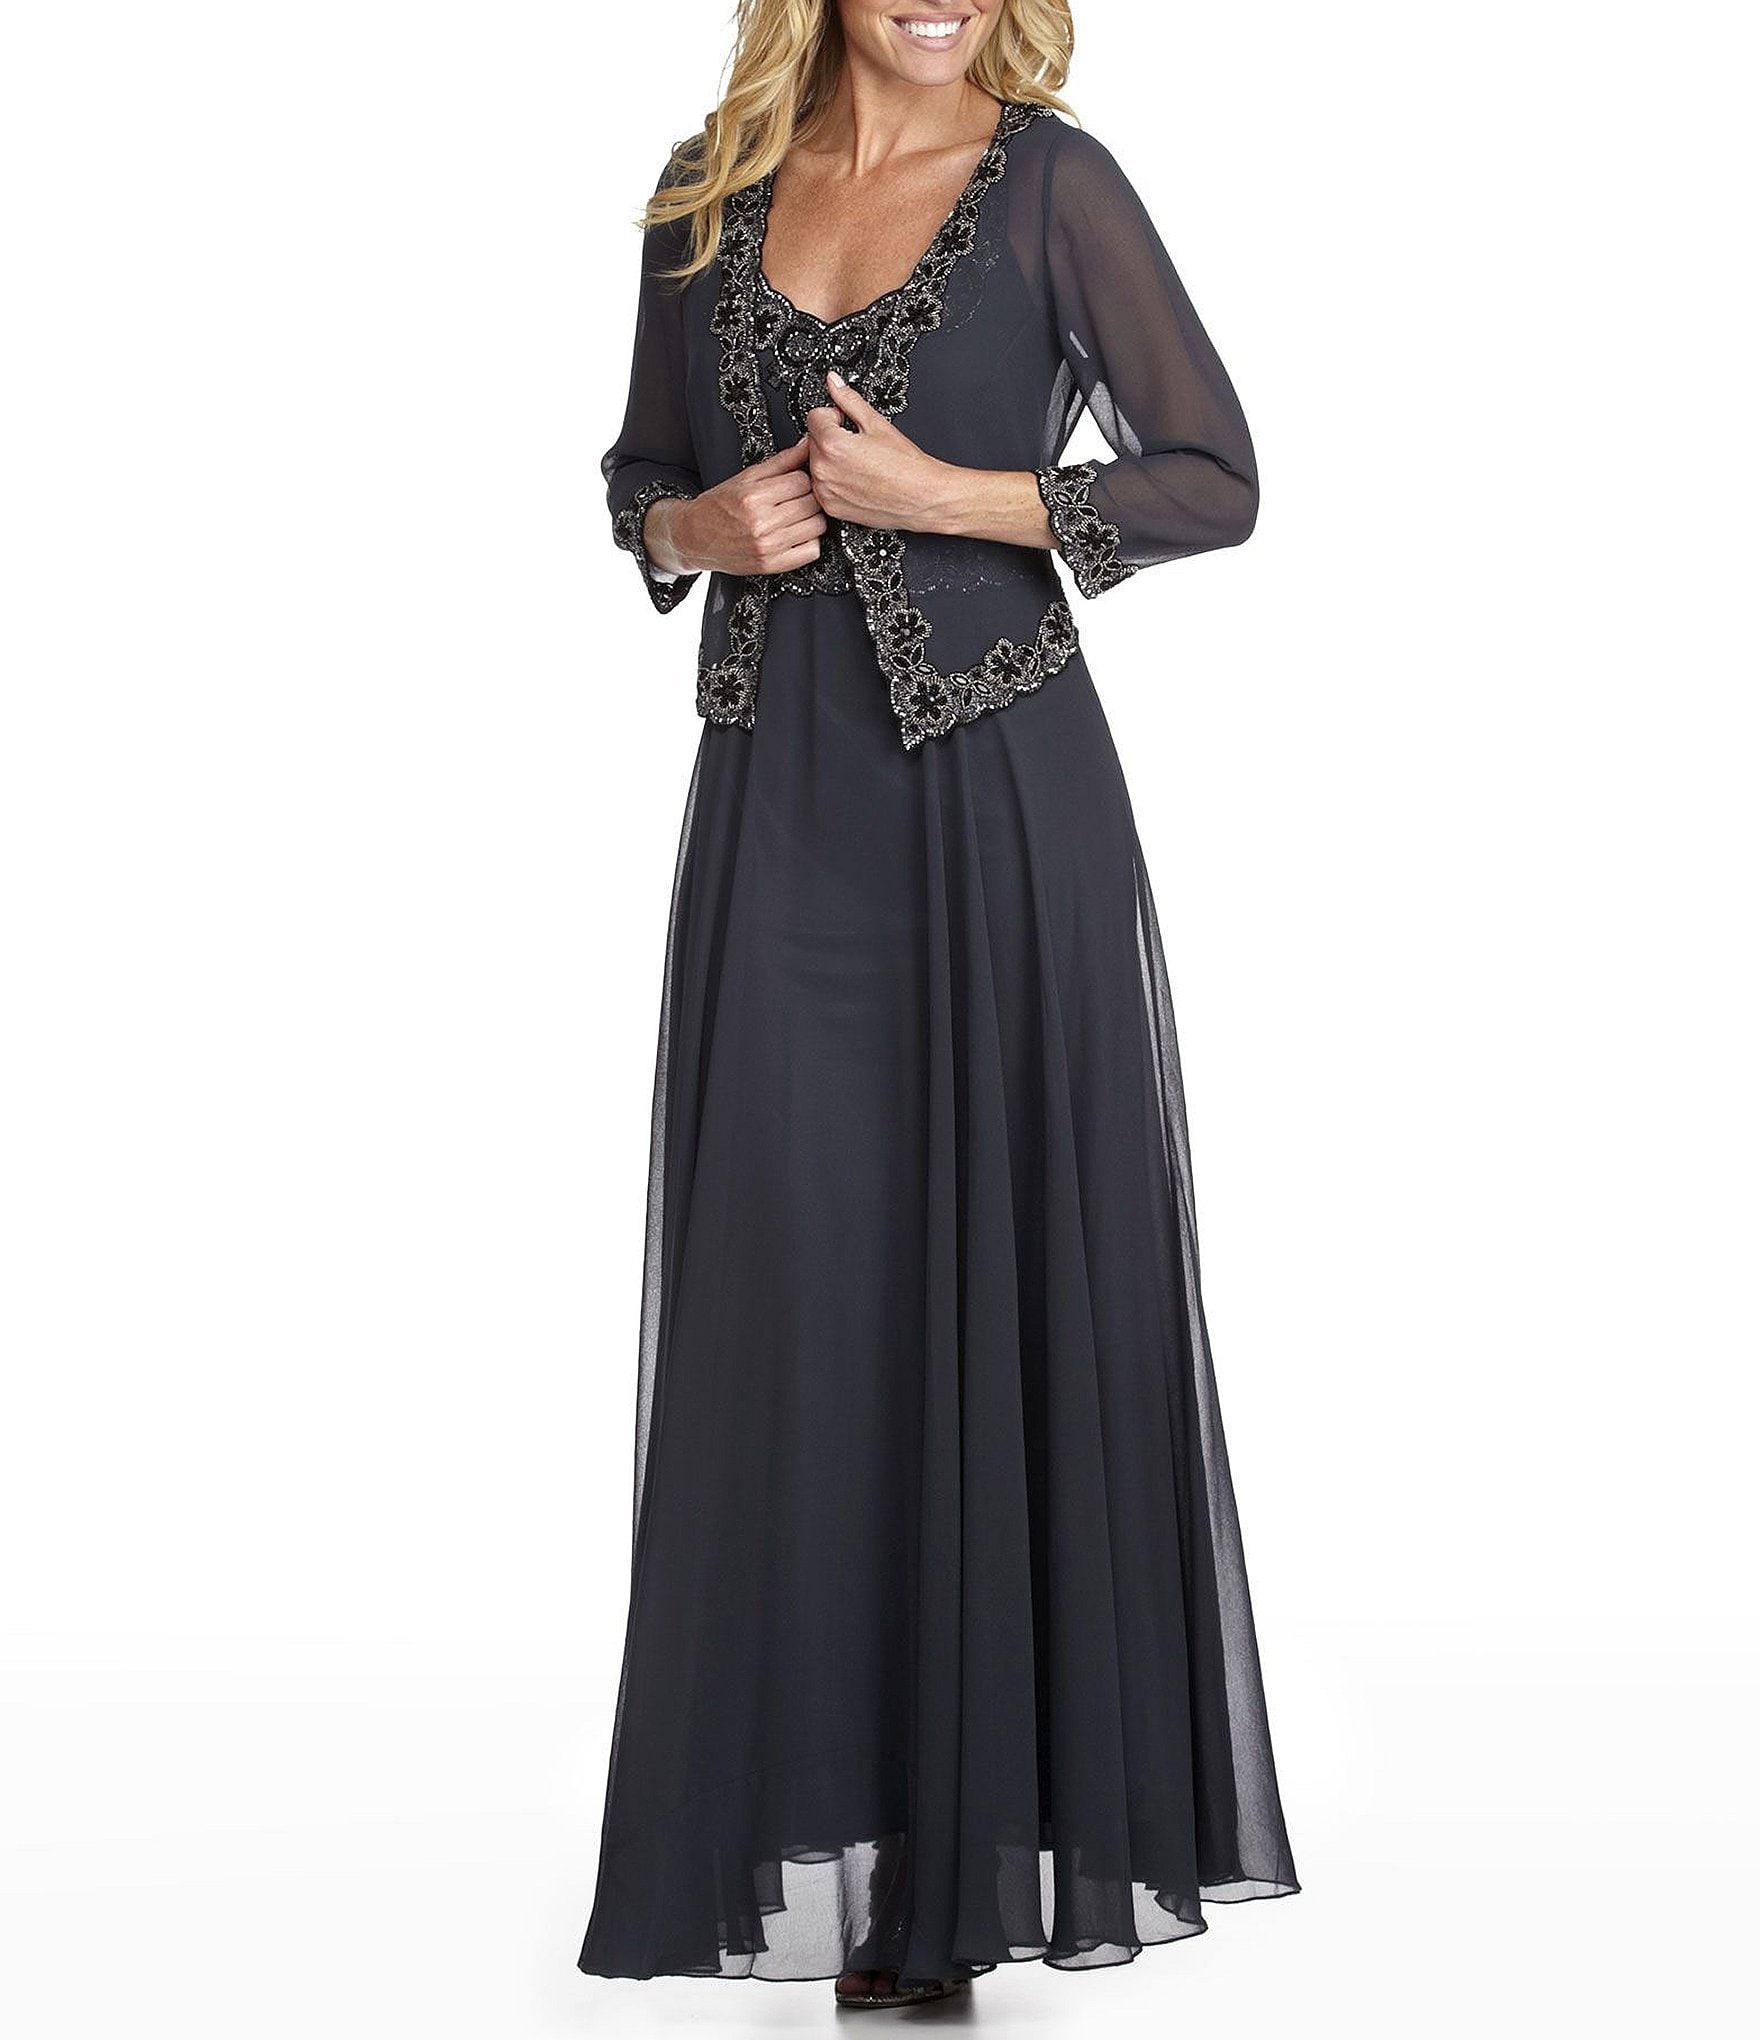 Jkara Plus Beaded Chiffon Jacket Dress Dillards